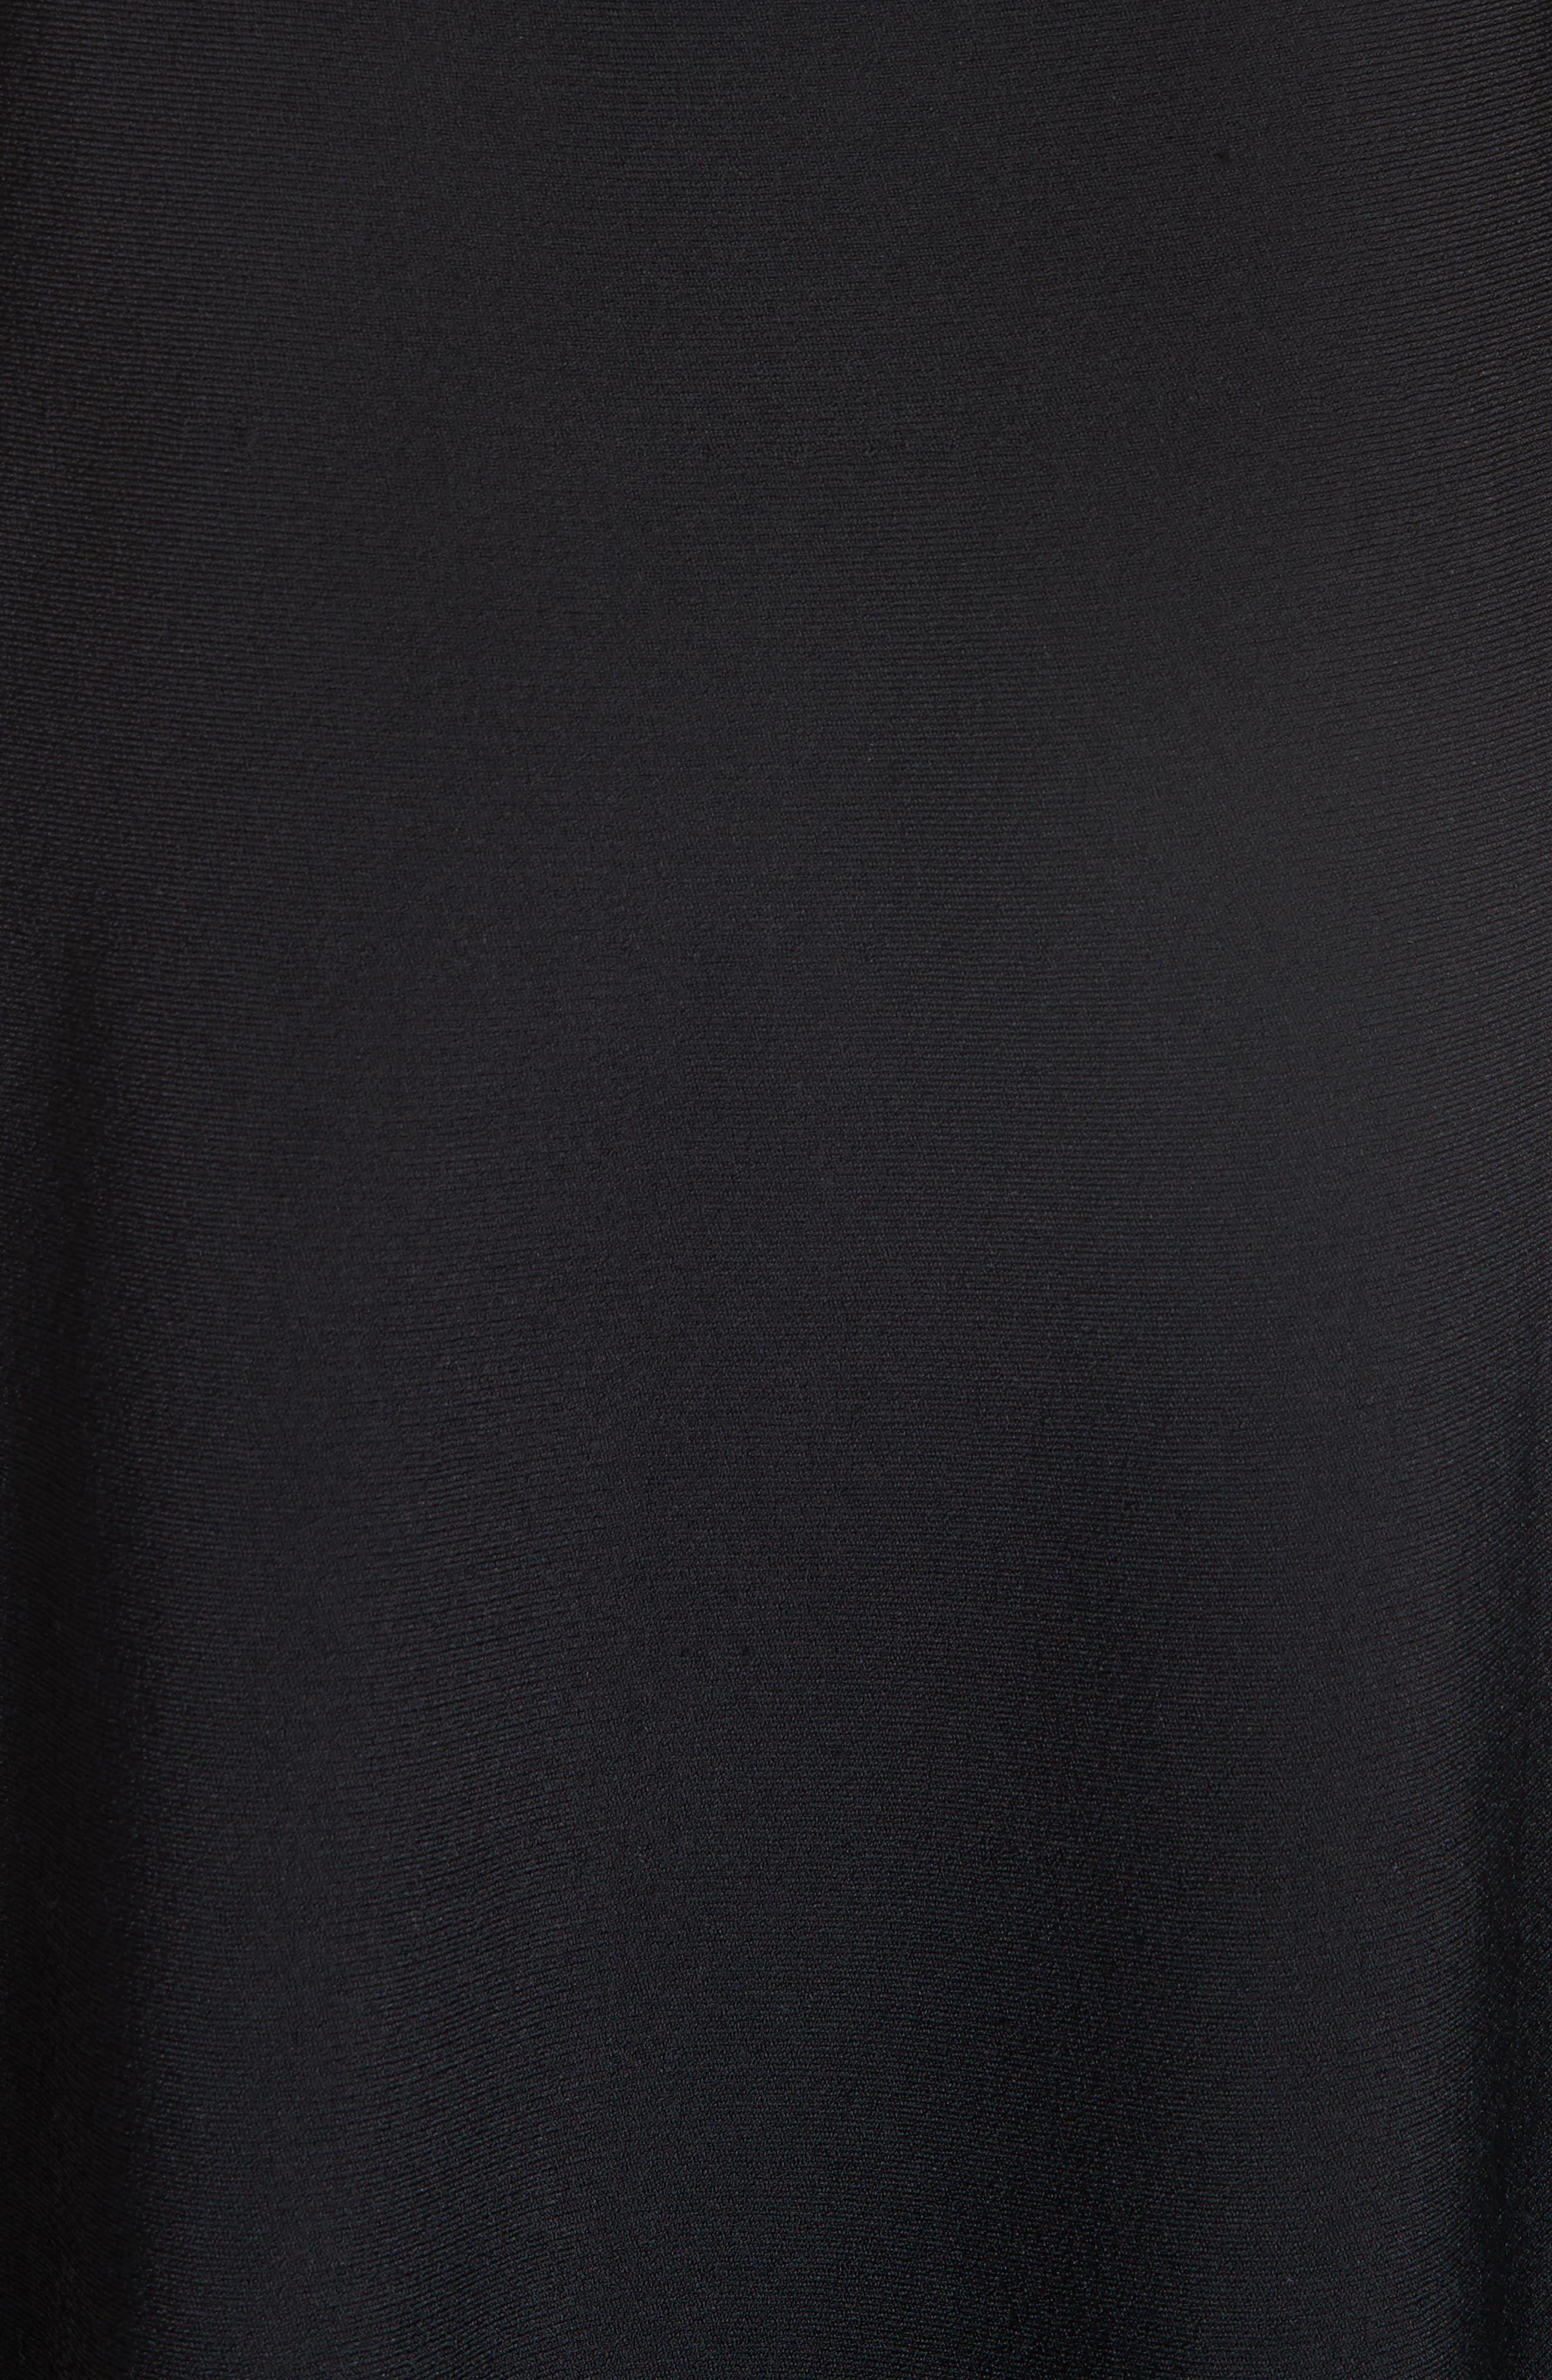 Chevron Hem A-Line Dress,                             Alternate thumbnail 6, color,                             10225 BLACK COMBO